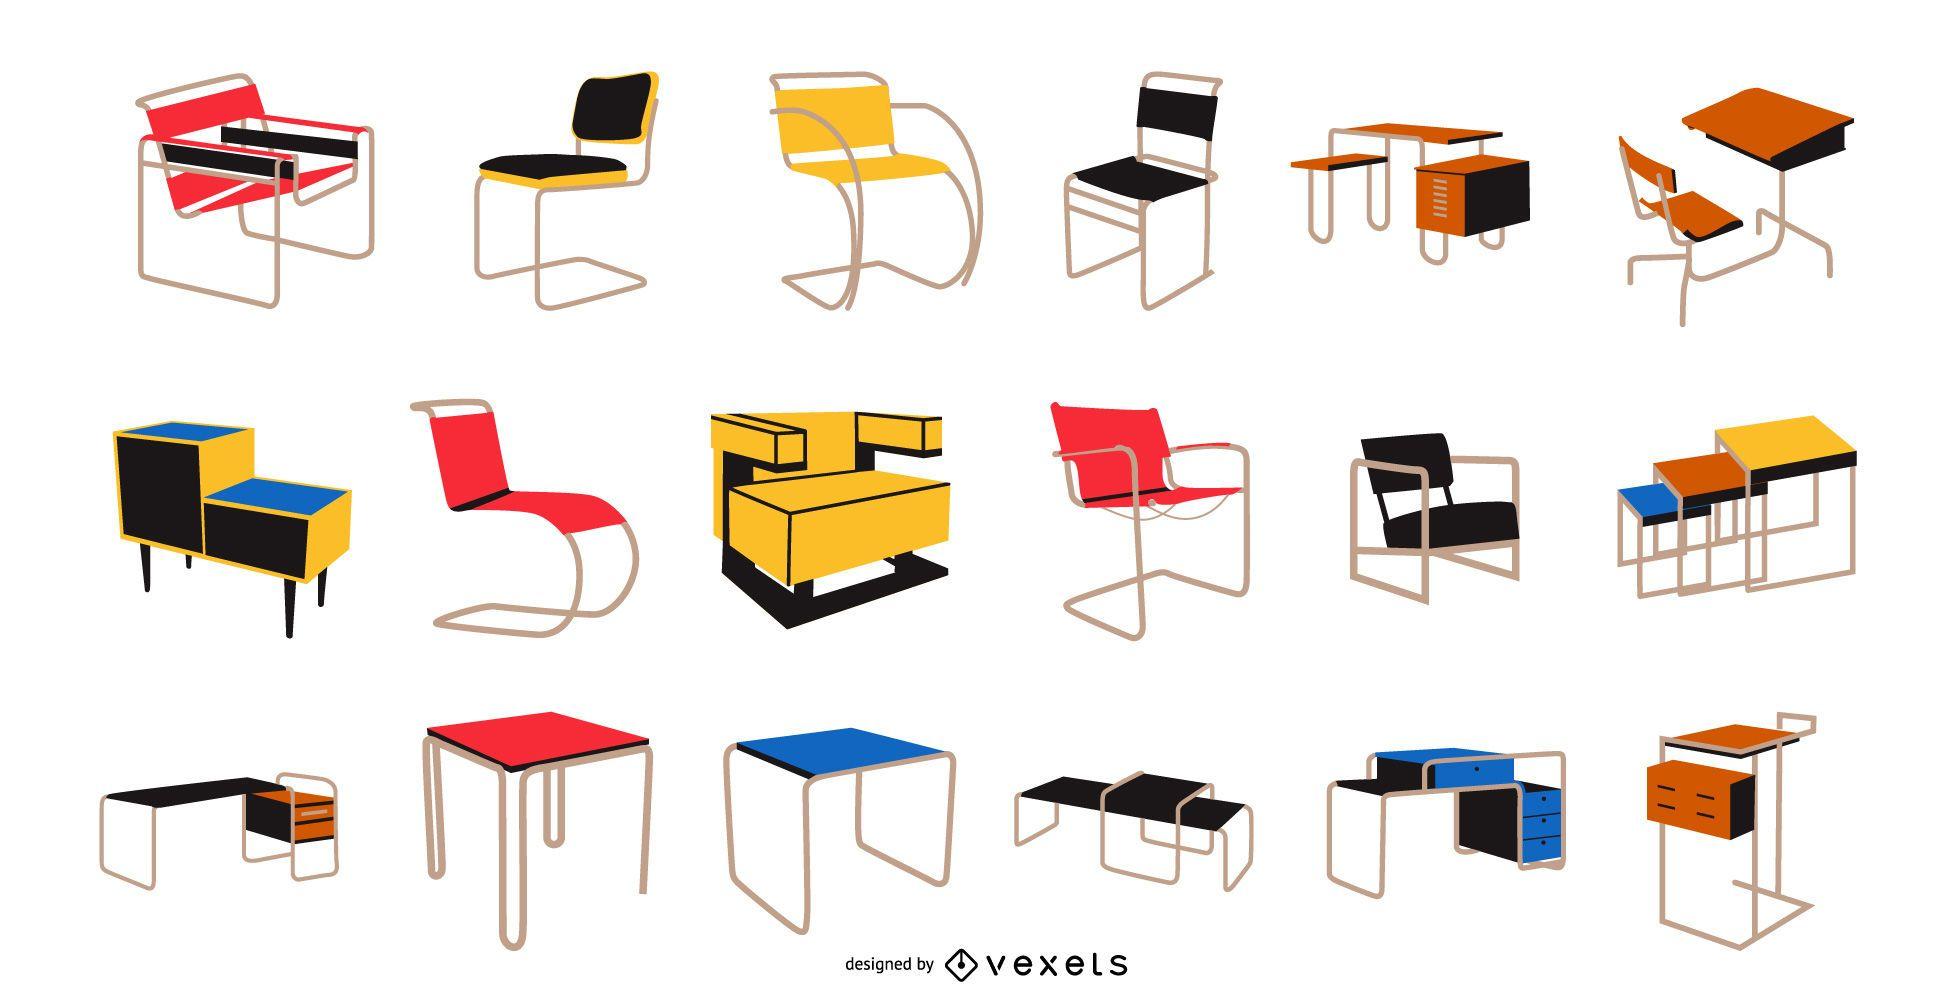 Pacote de móveis estilo Bauhaus